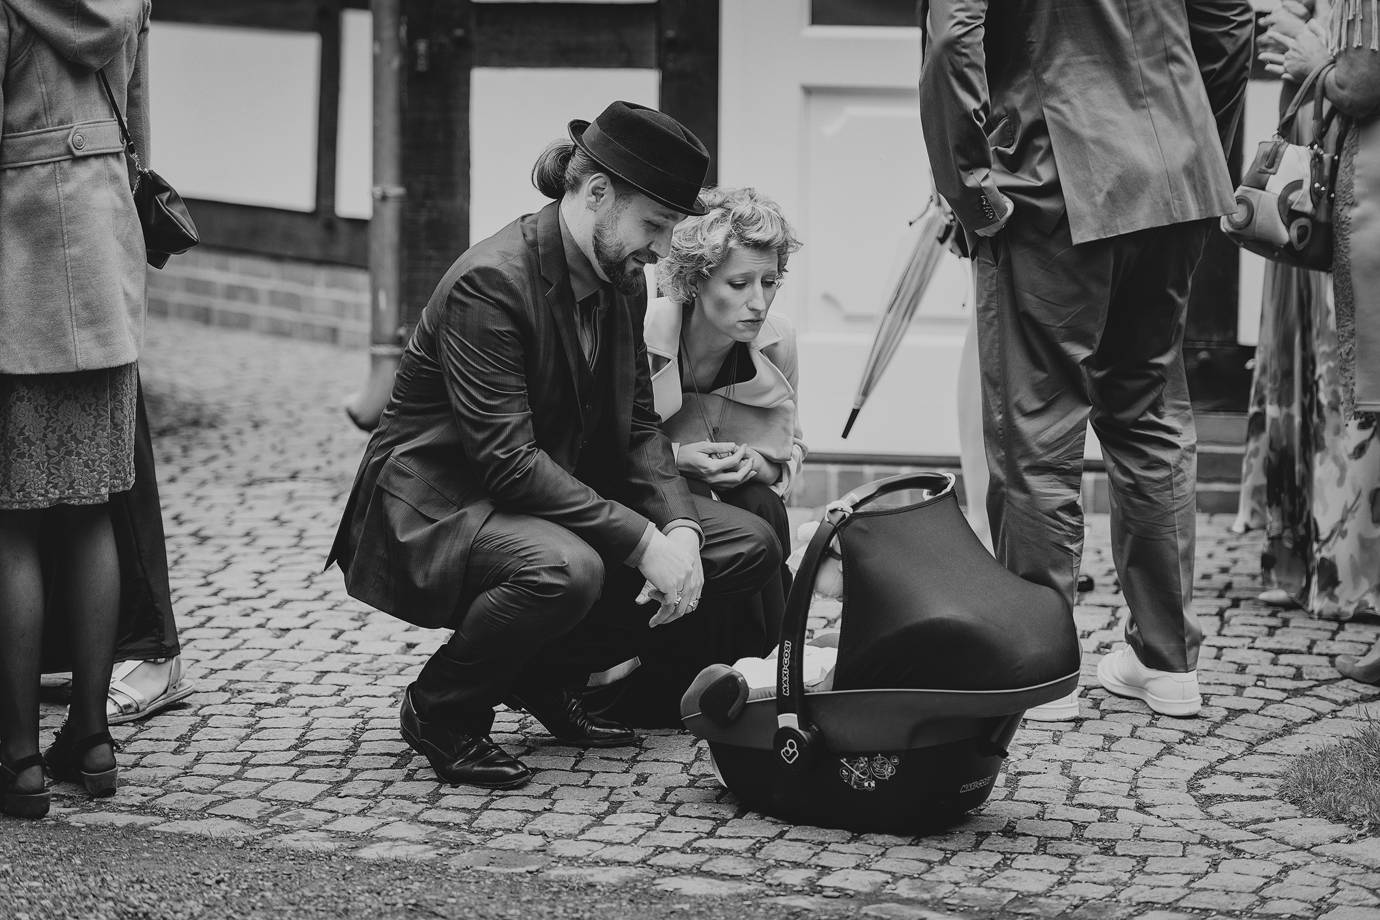 hochzeitsfotograf bremen 013 - Yvonne+Markus